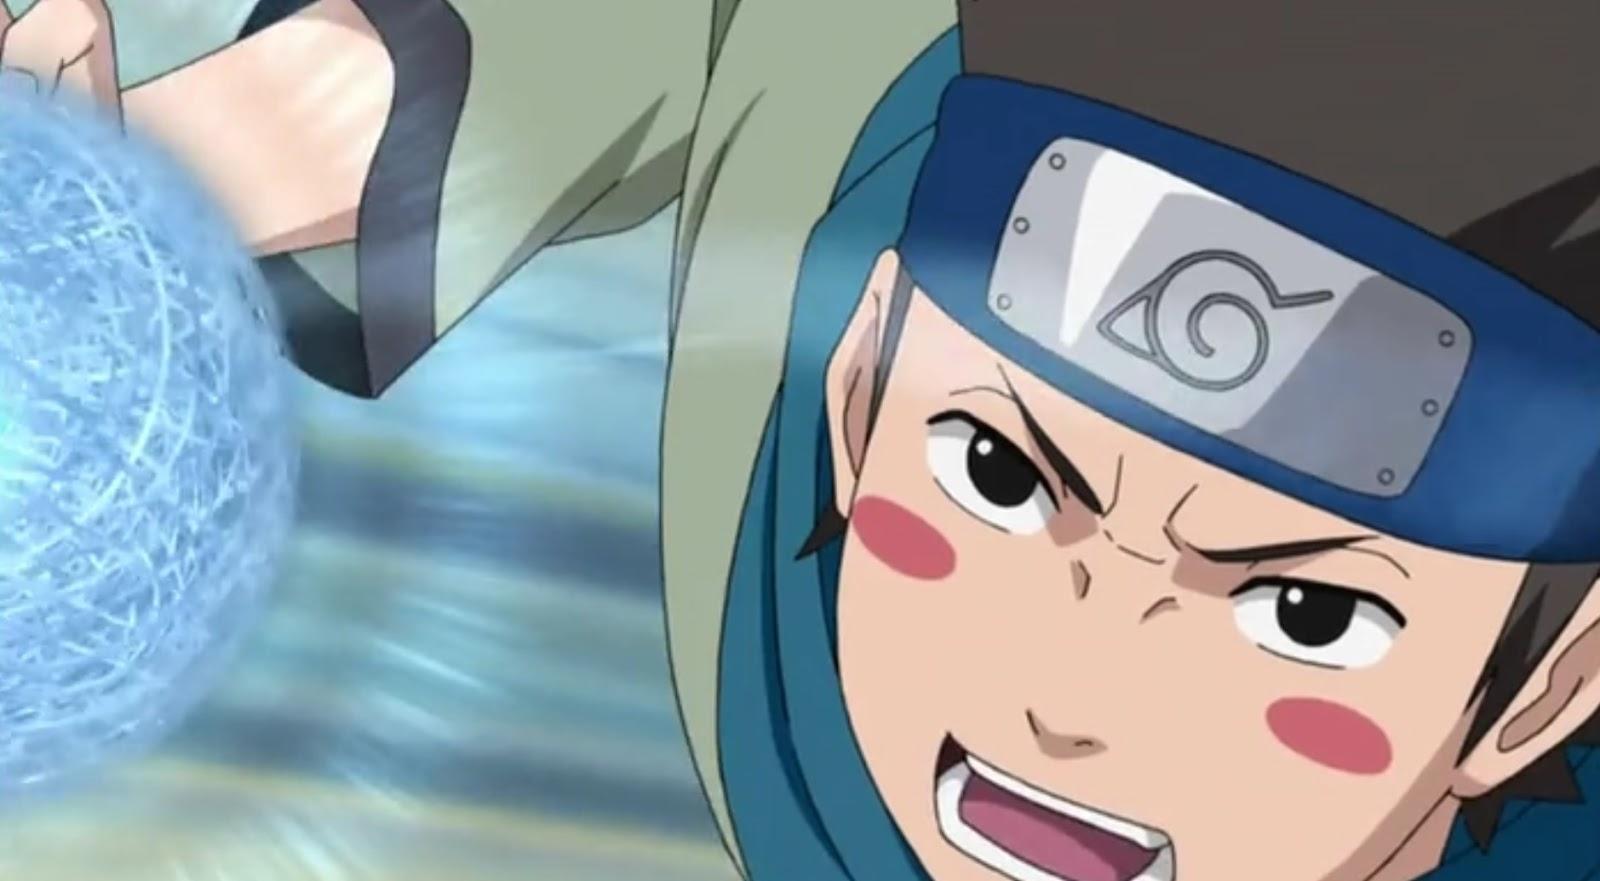 Naruto Shippuden Episódio 281, Assistir Naruto Shippuden Episódio 281, Assistir Naruto Shippuden Todos os Episódios Legendado, Naruto Shippuden episódio 281,HD